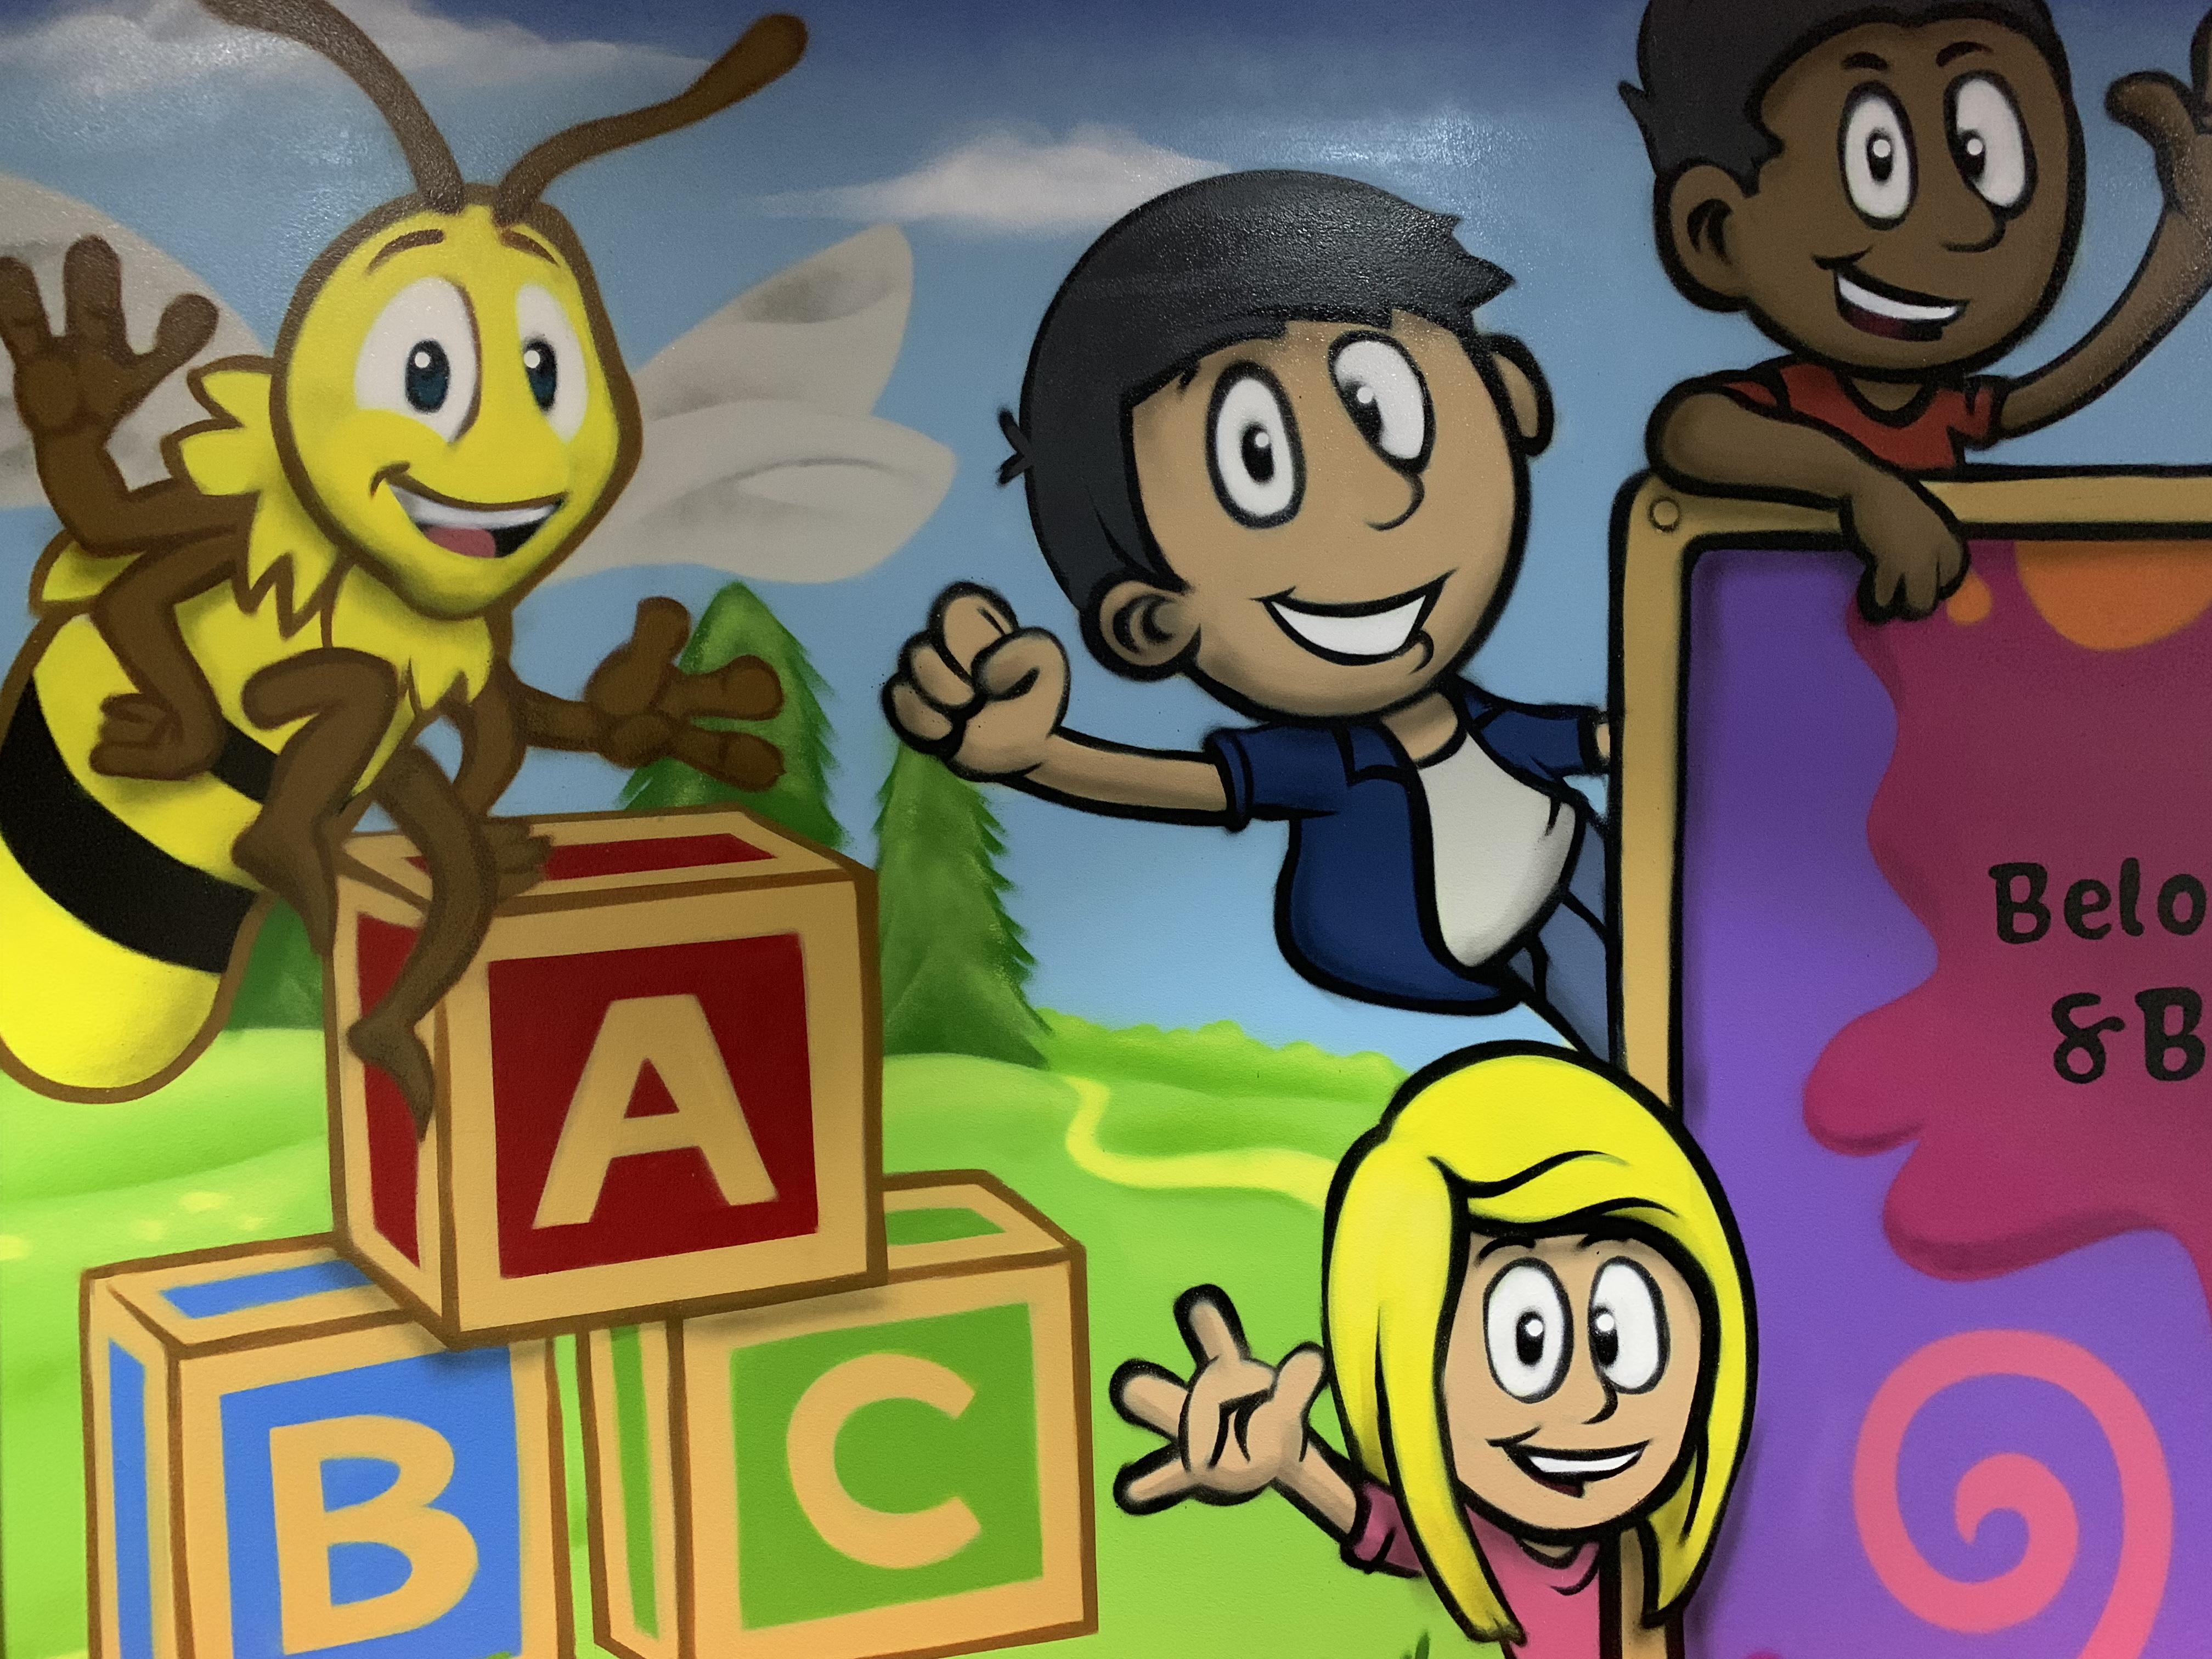 Urban Art kids mural artwork